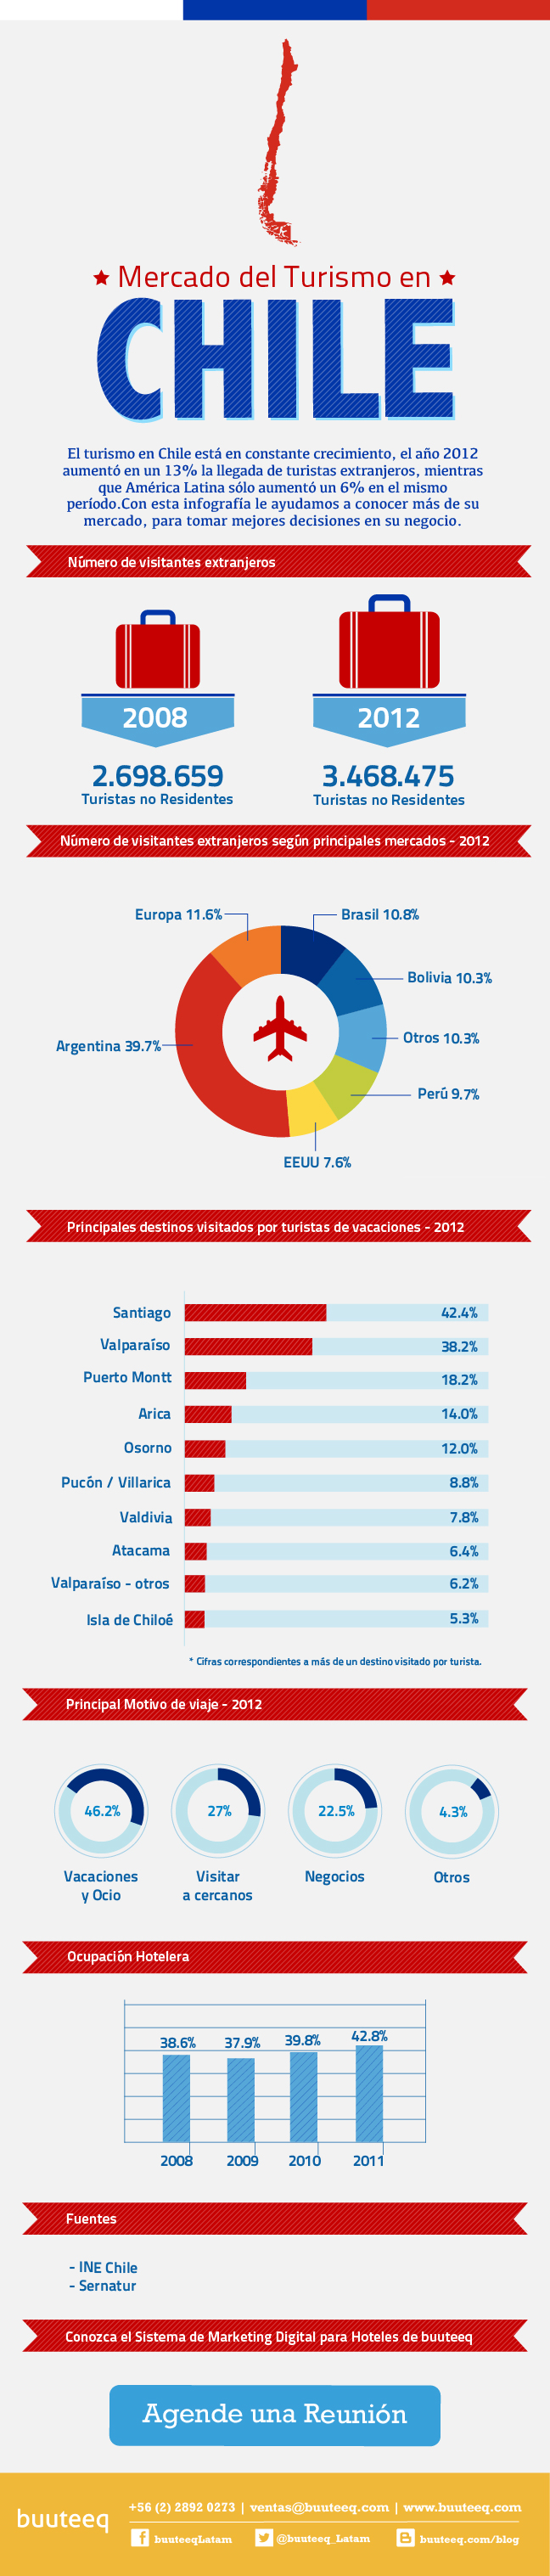 Mercado de turismo en Chile